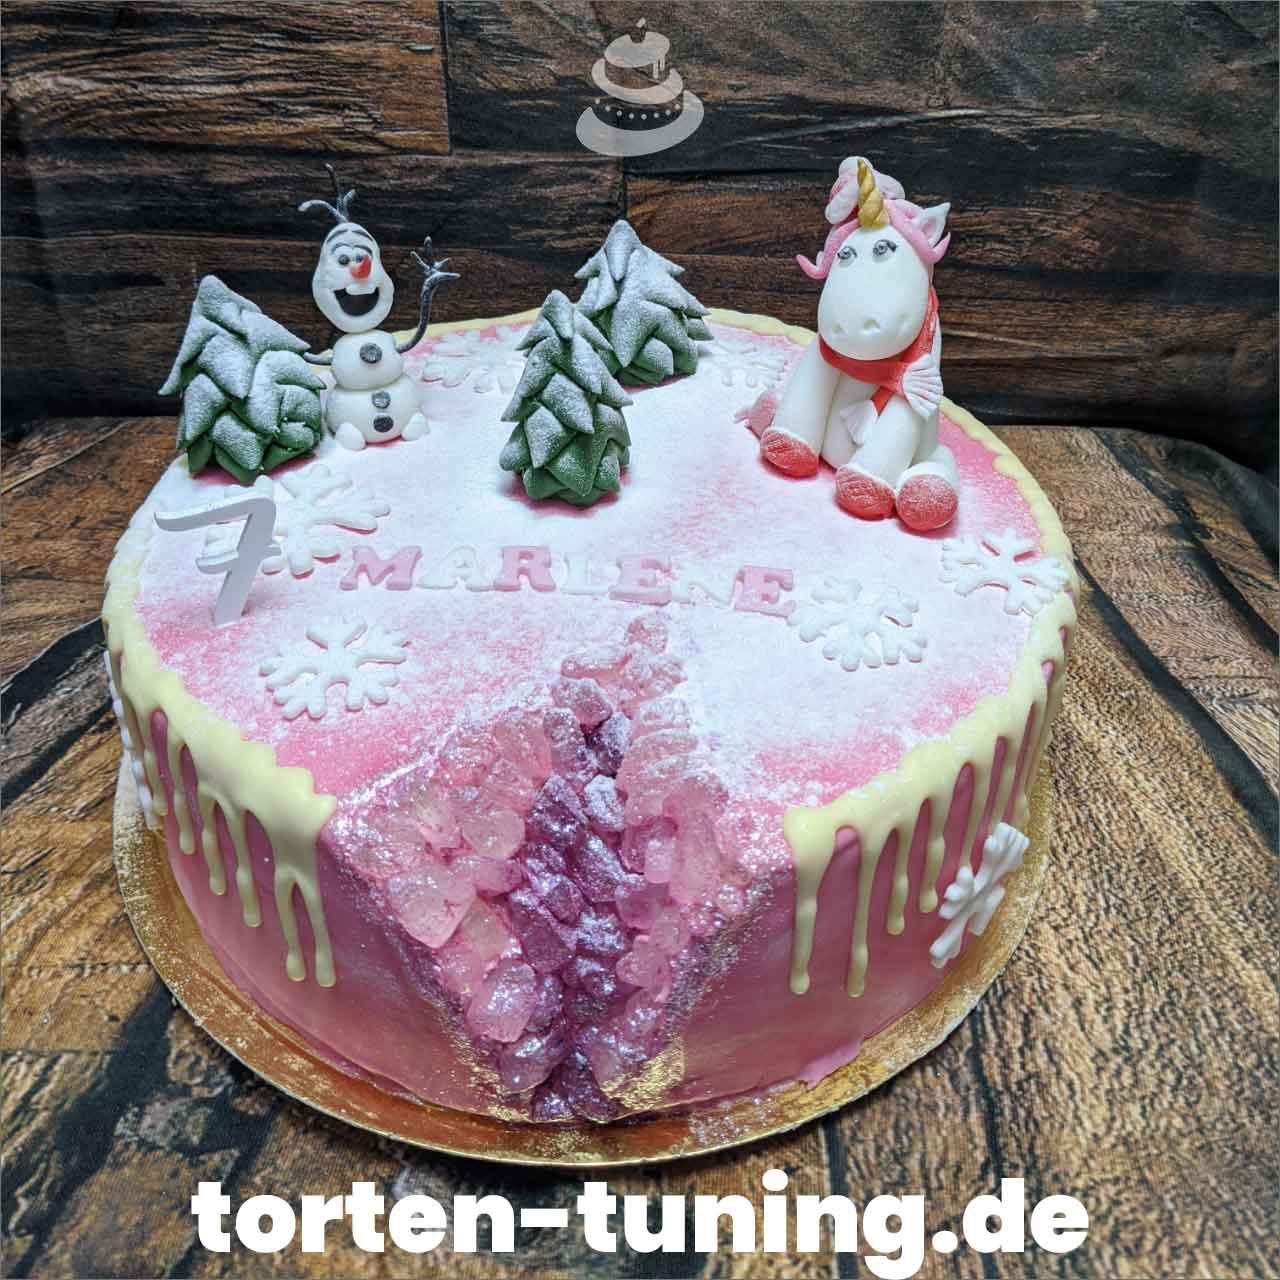 Geode Cake pink Torten Tuning Tortendekoration Geburtstagstorten Suhl Thüringen Backzubehörshop online bestellen Jugendweihe modellierte Figur